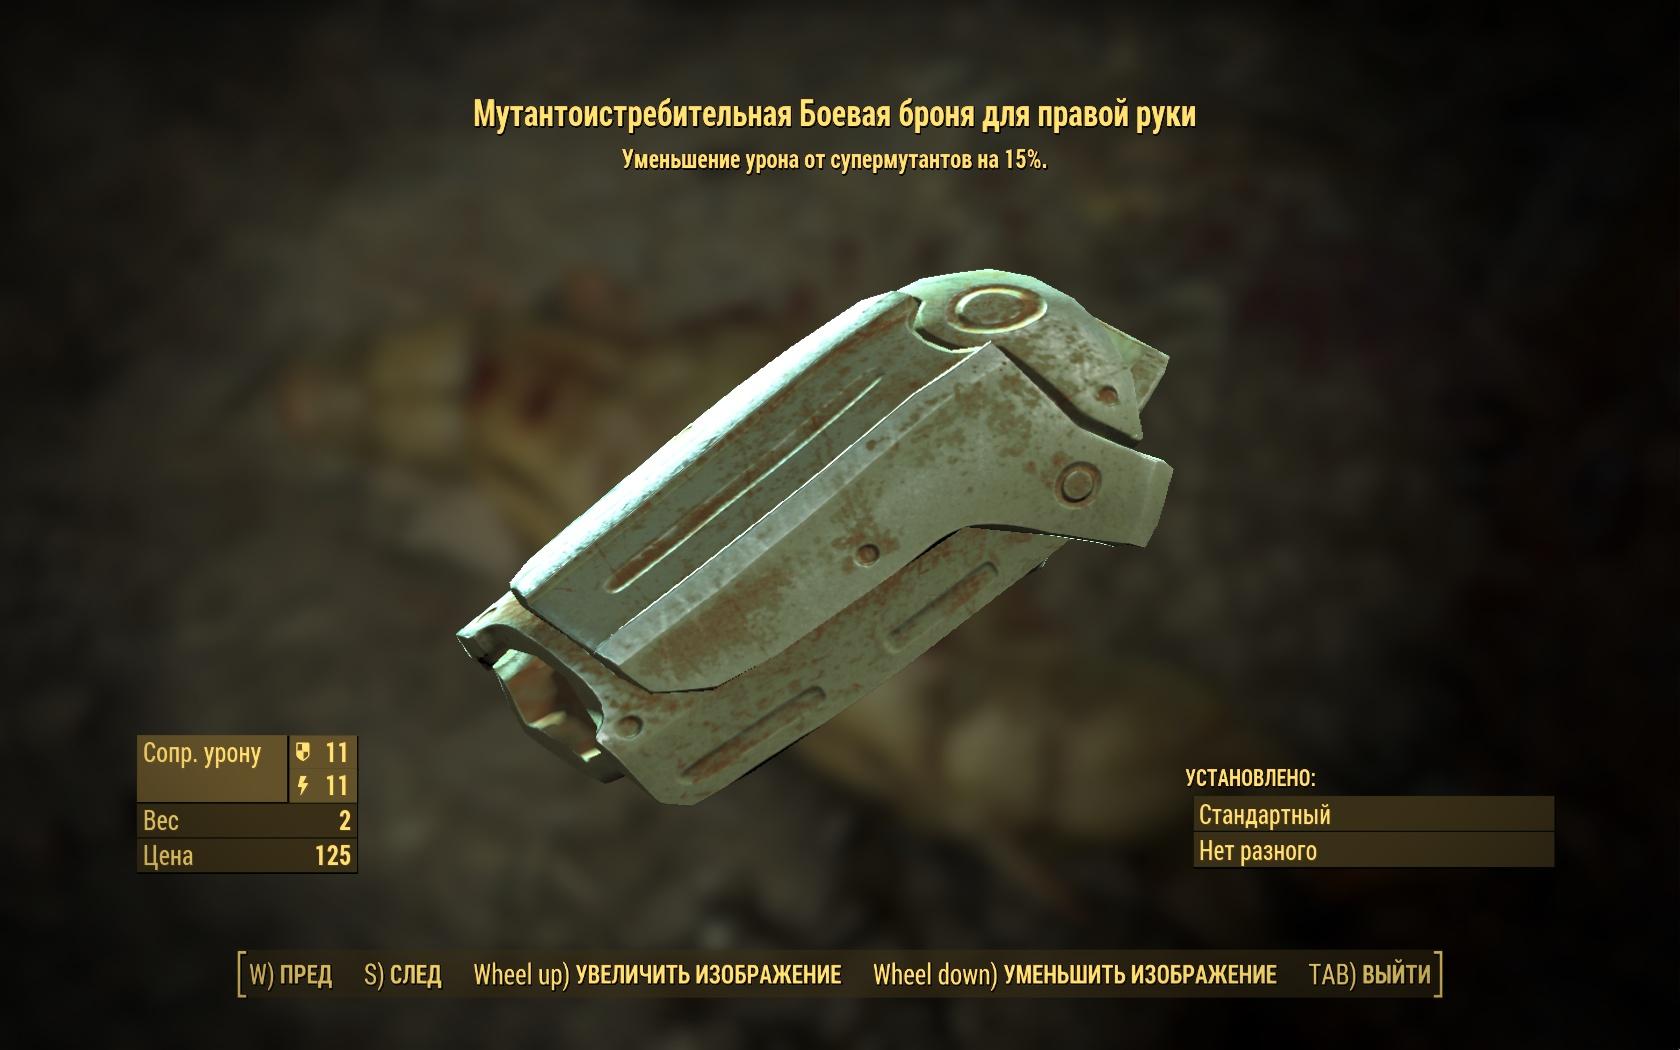 Мутантоистребительная боевая броня для правой руки - Fallout 4 броня, Мутантоистребительная, Одежда